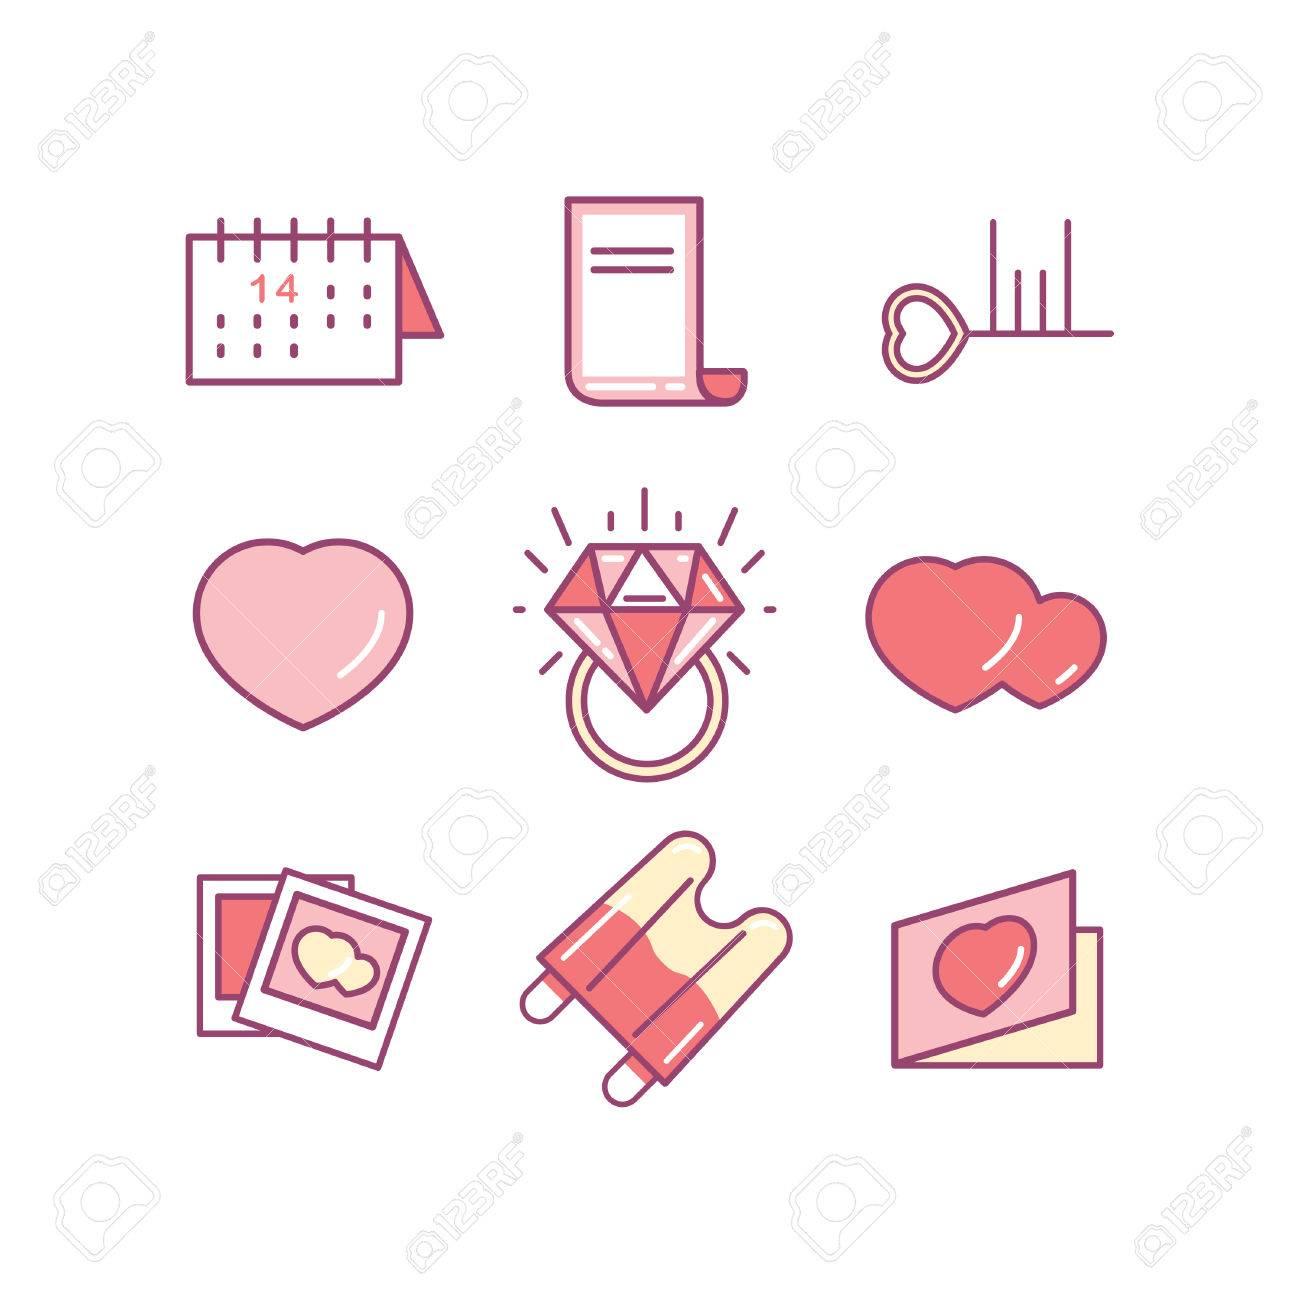 cadeaux de Saint Valentin de rencontres en ligne SOS site de rencontre